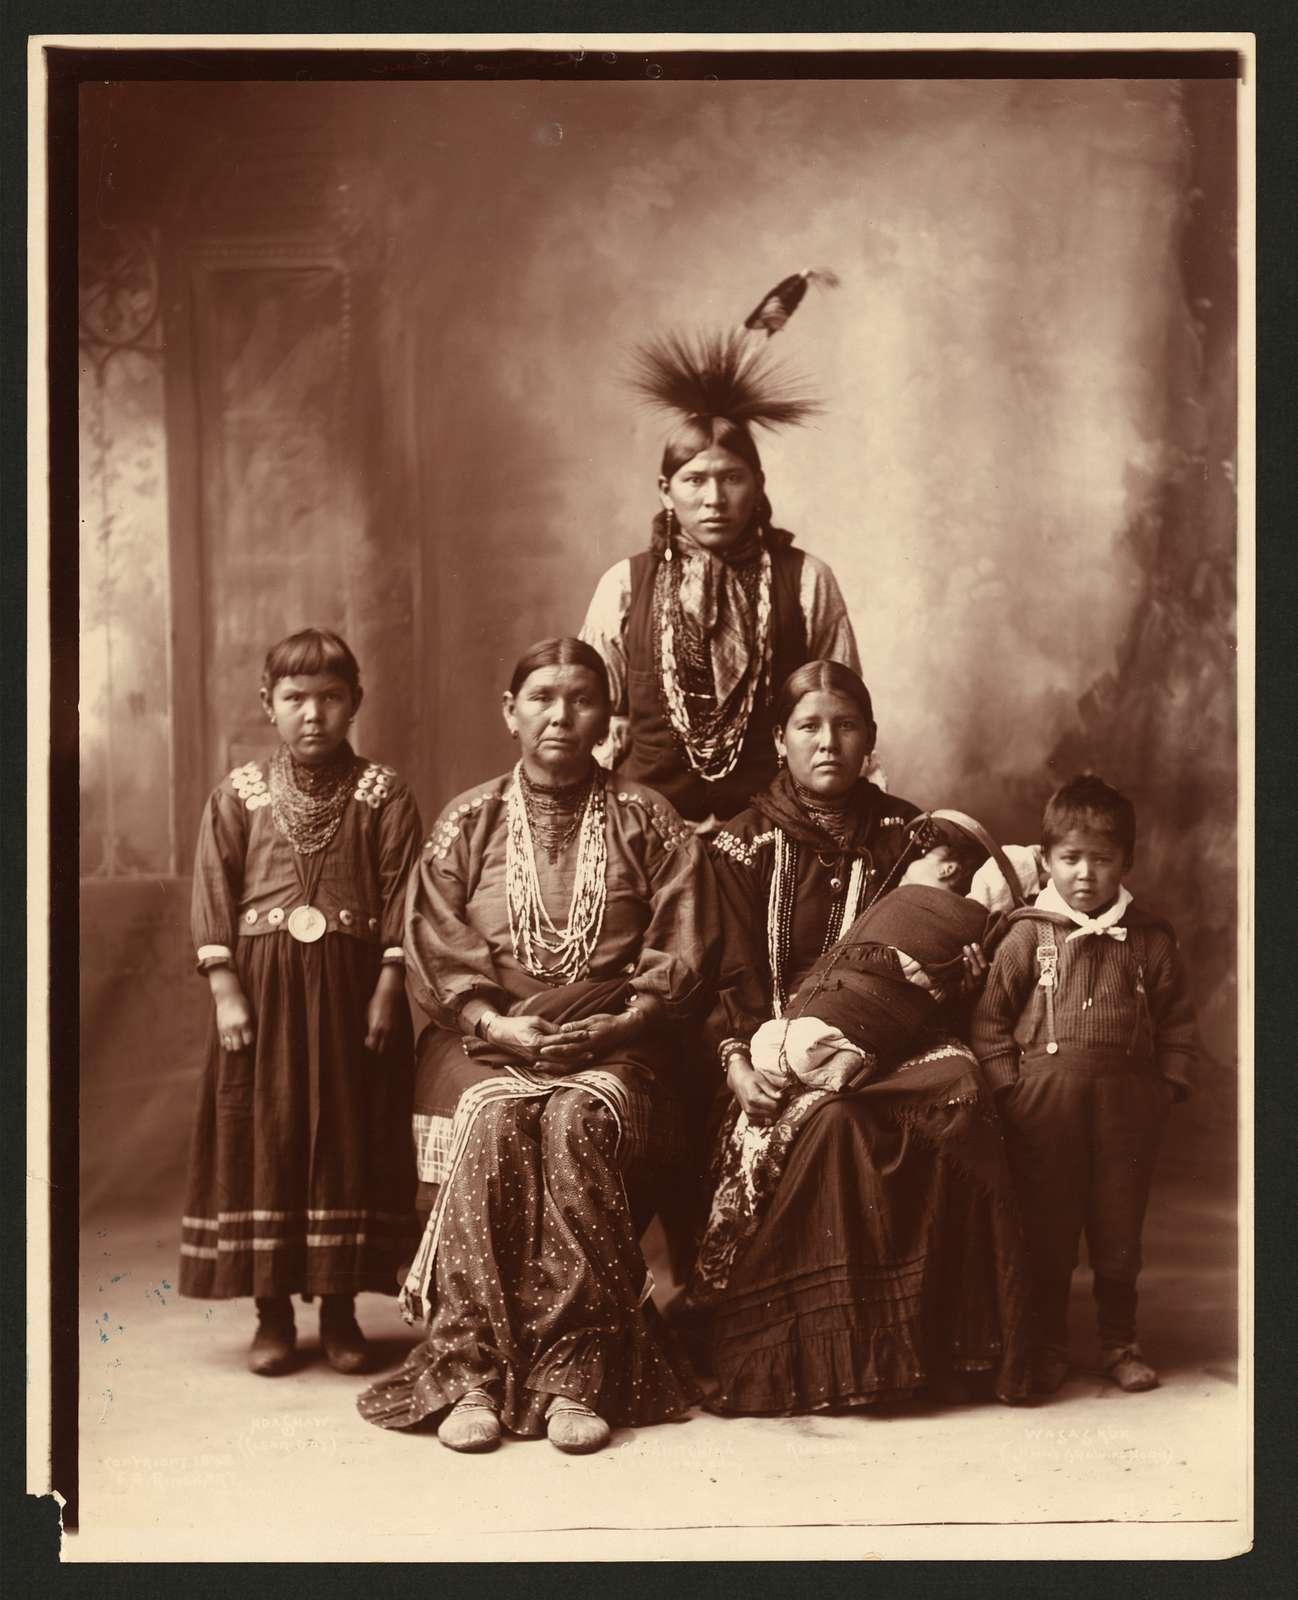 [Sauk Indian family, full-length portrait] / F.A. Rinehart, Omaha.